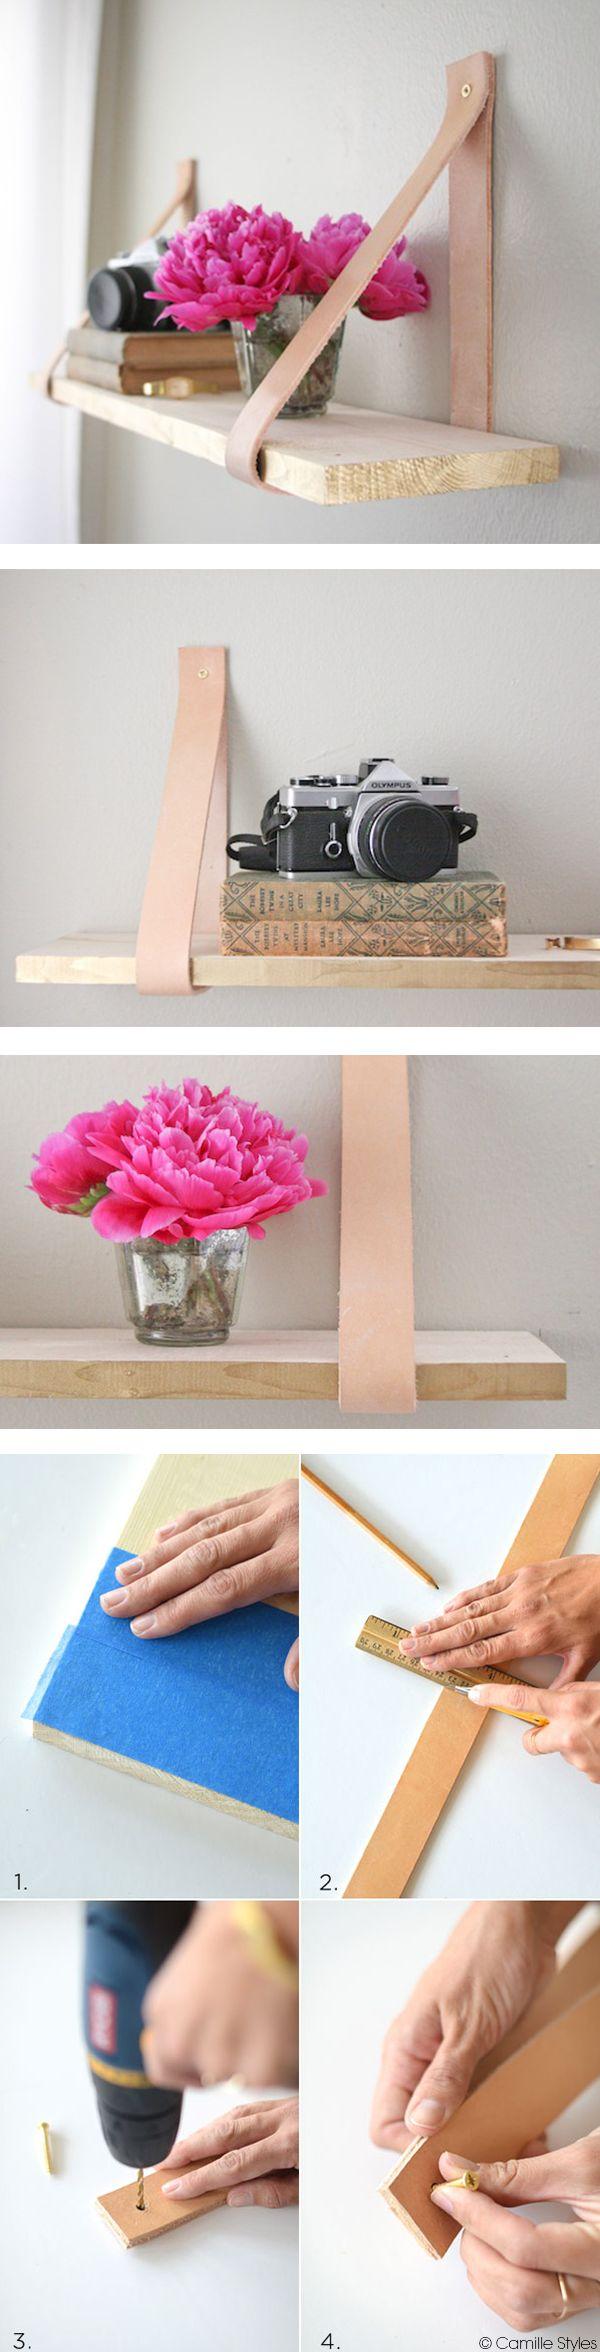 Les étagères suspendues ont la cote…  N'hésitez pas : montrez-nous les vôtres ! http://bit.ly/1CBY071 #dccv #diy #shelve #deco #design #blog